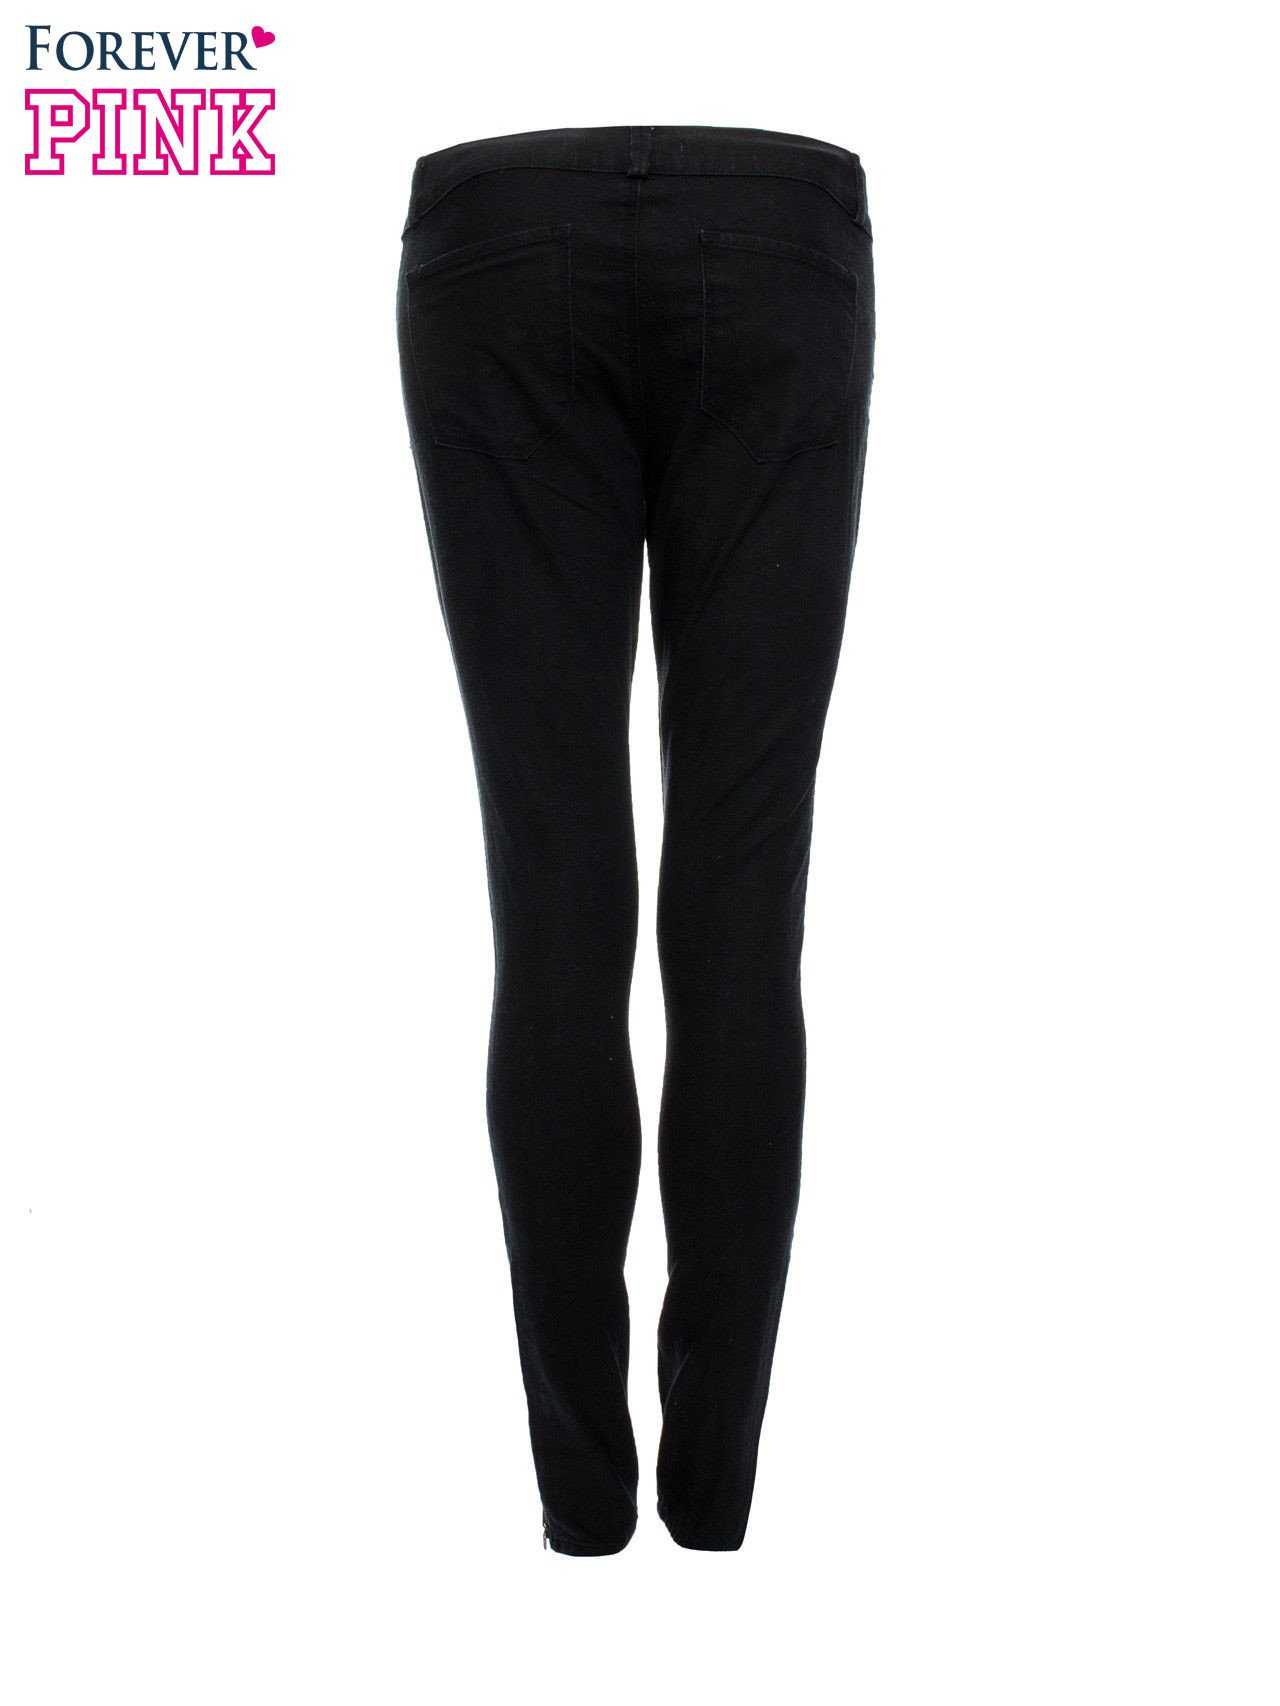 Czarne spodnie jeansowe typu skinny z suwakami na górze i przy nogawkach                                  zdj.                                  5